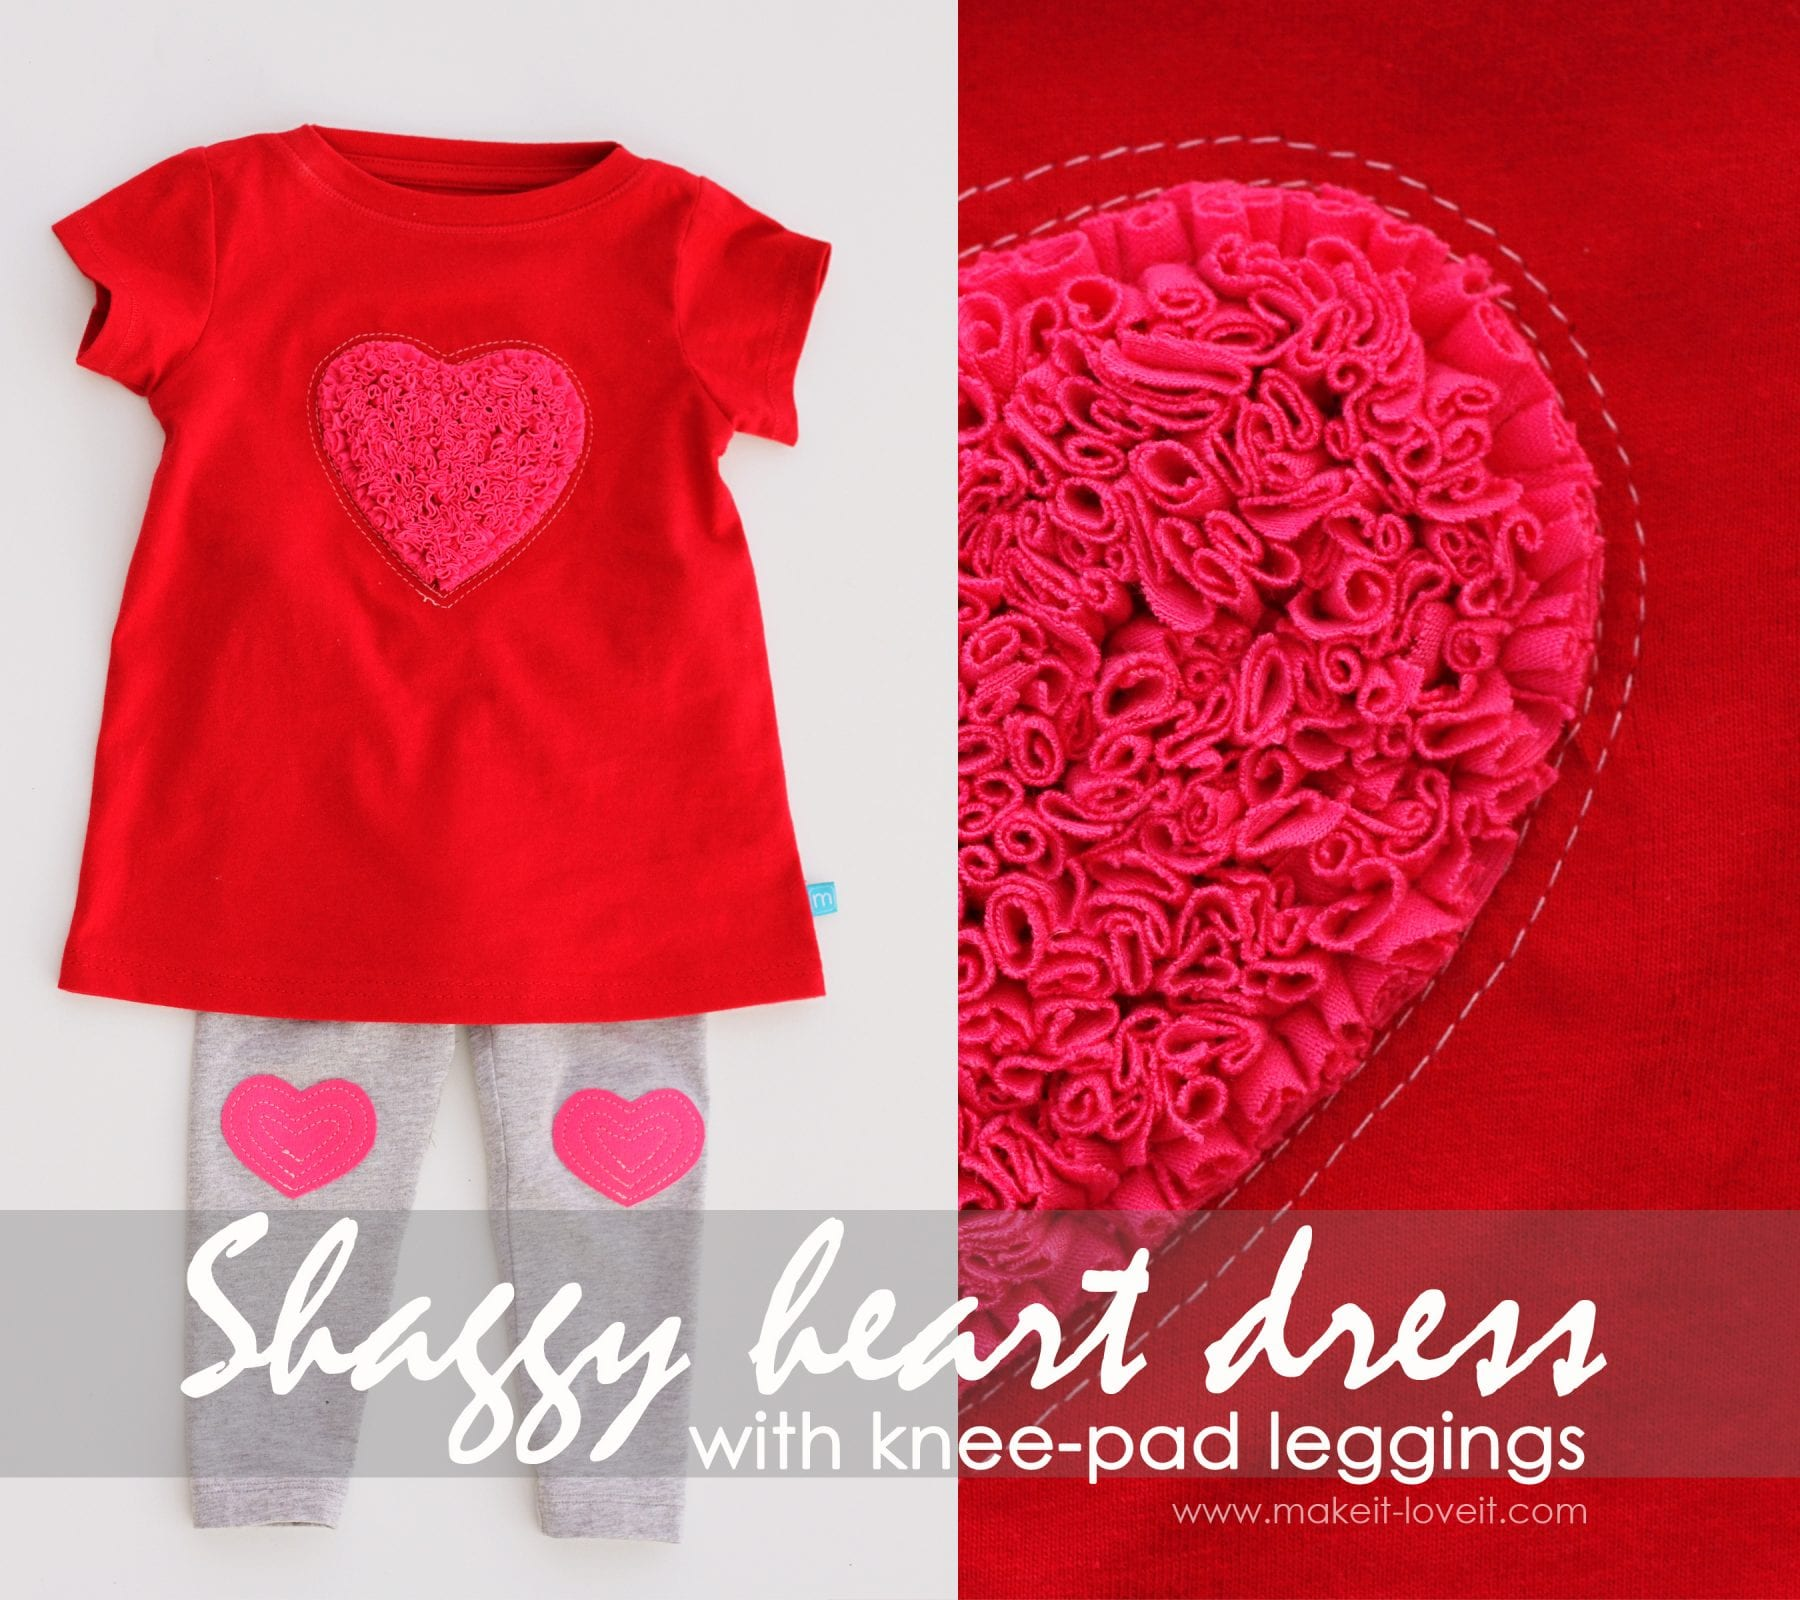 shaggy heart dress